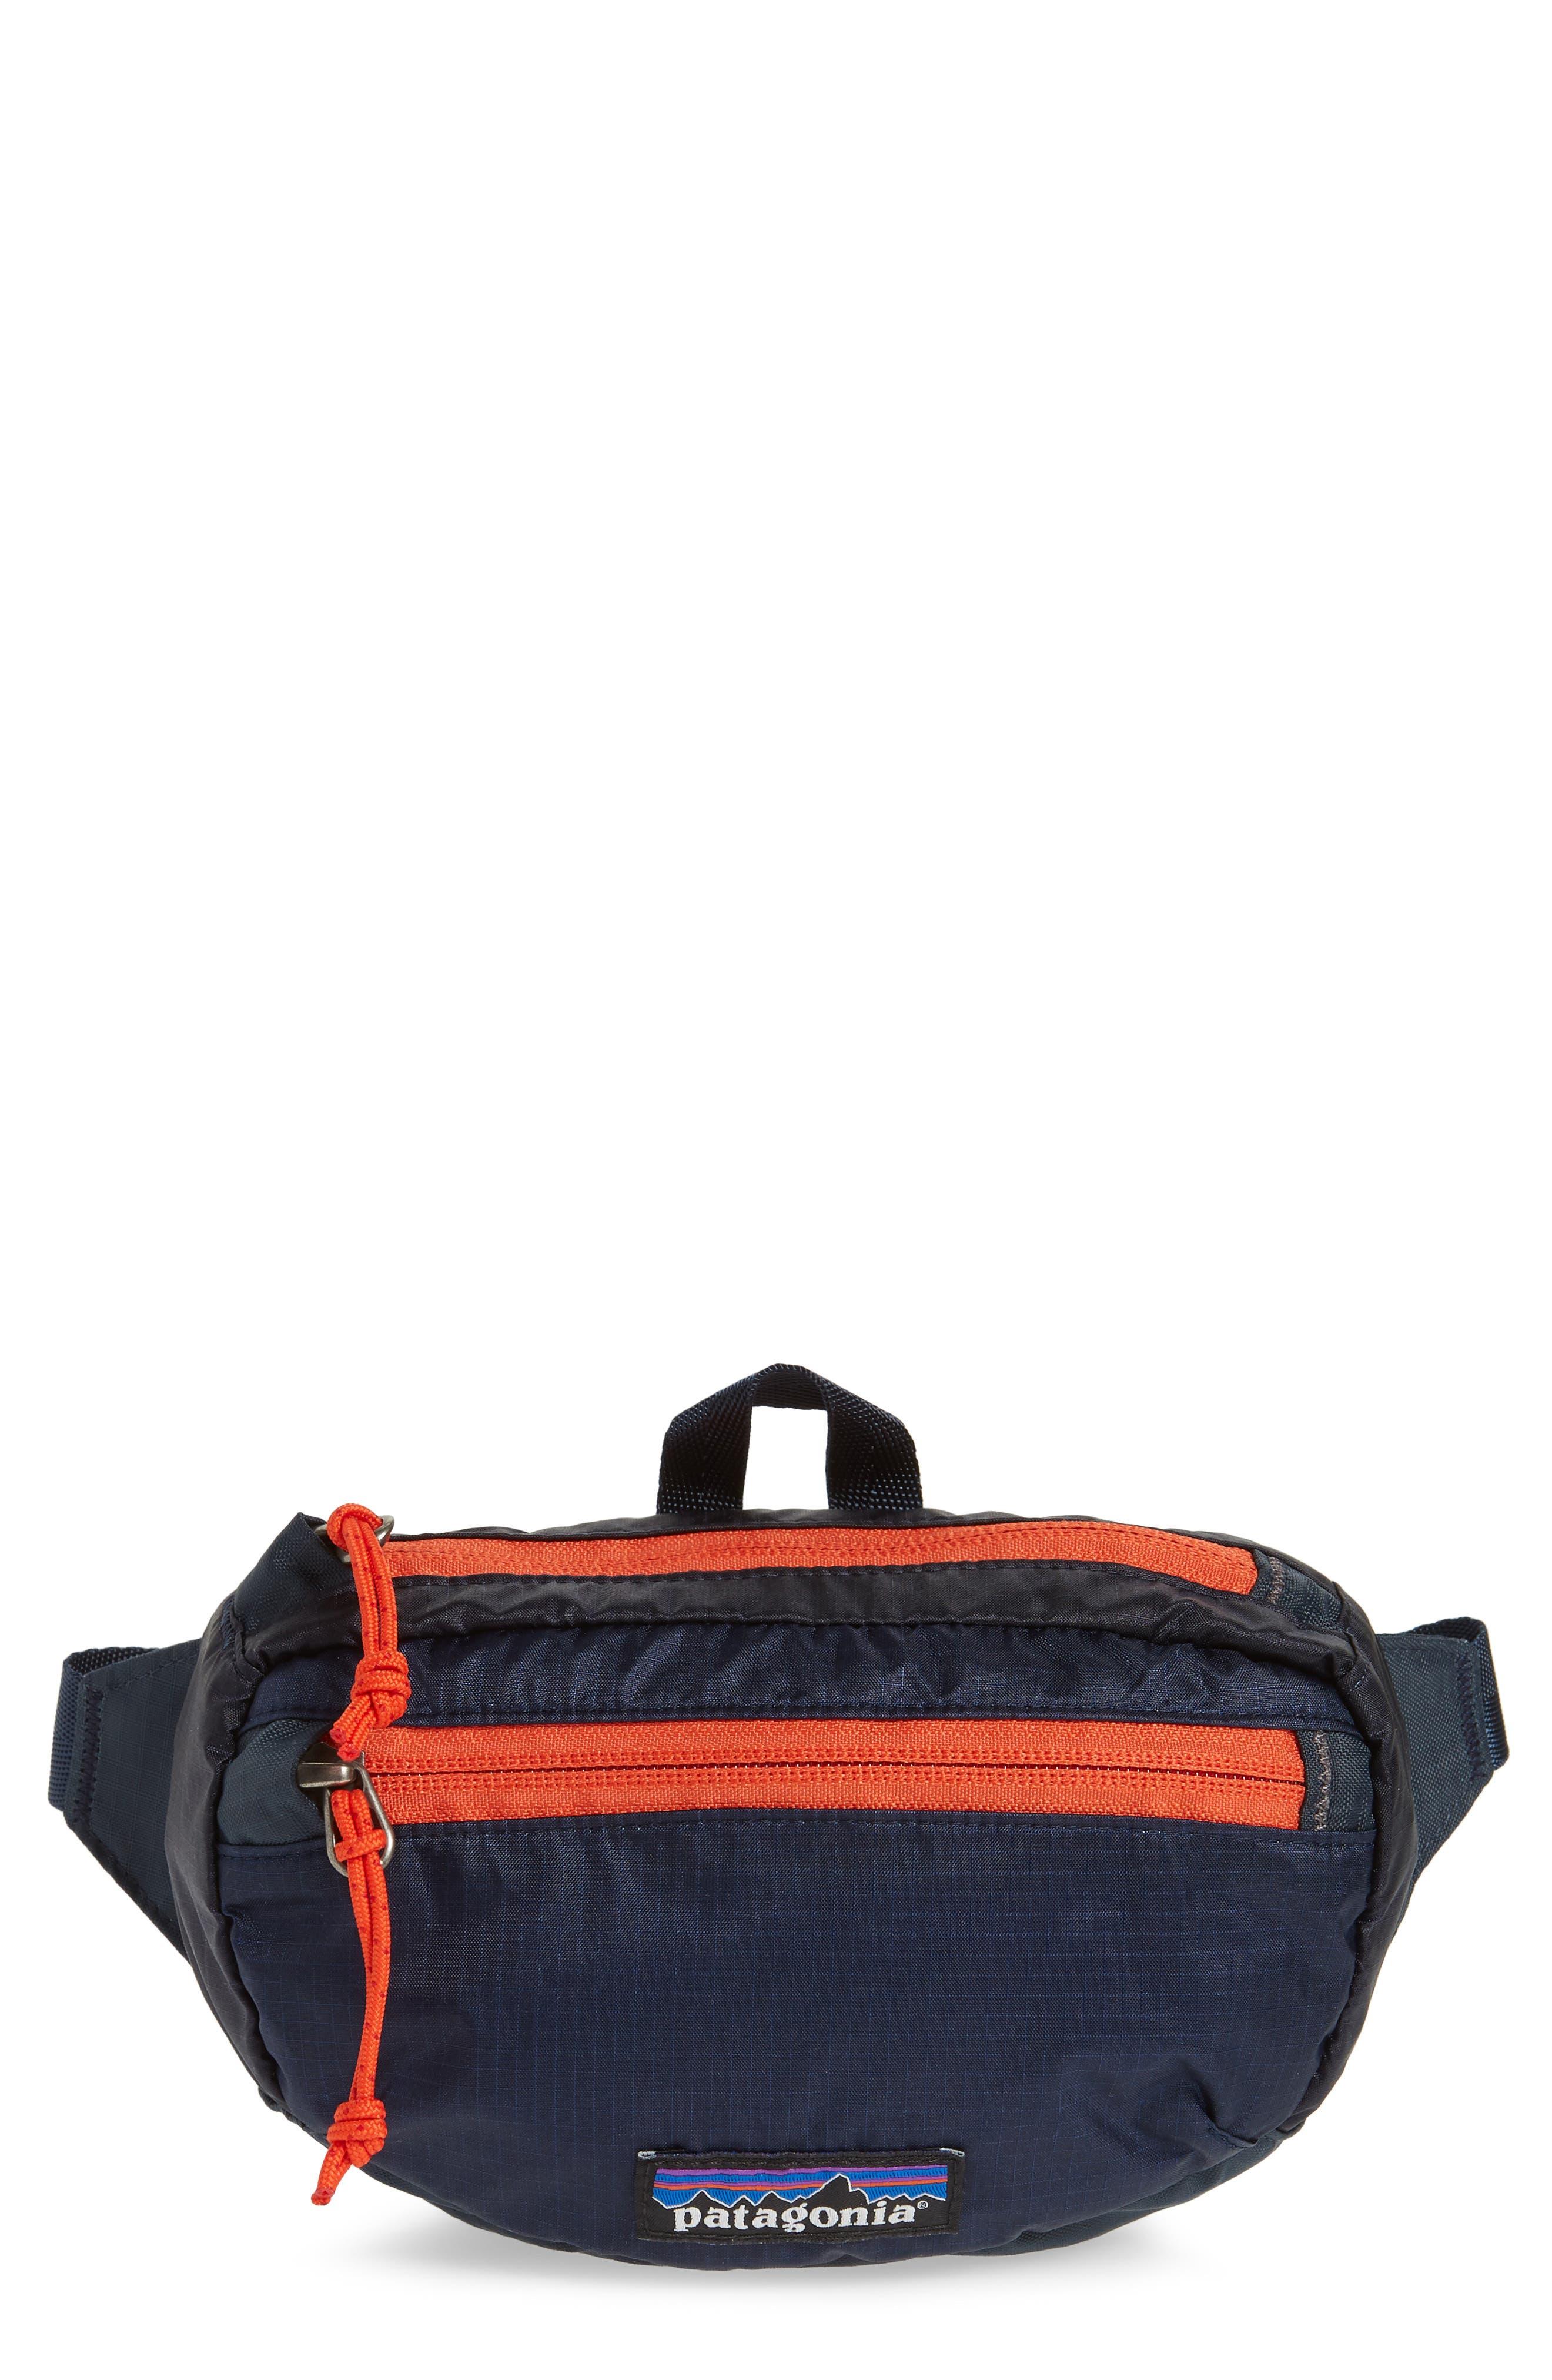 Travel Belt Bag,                         Main,                         color, Smolder Blue